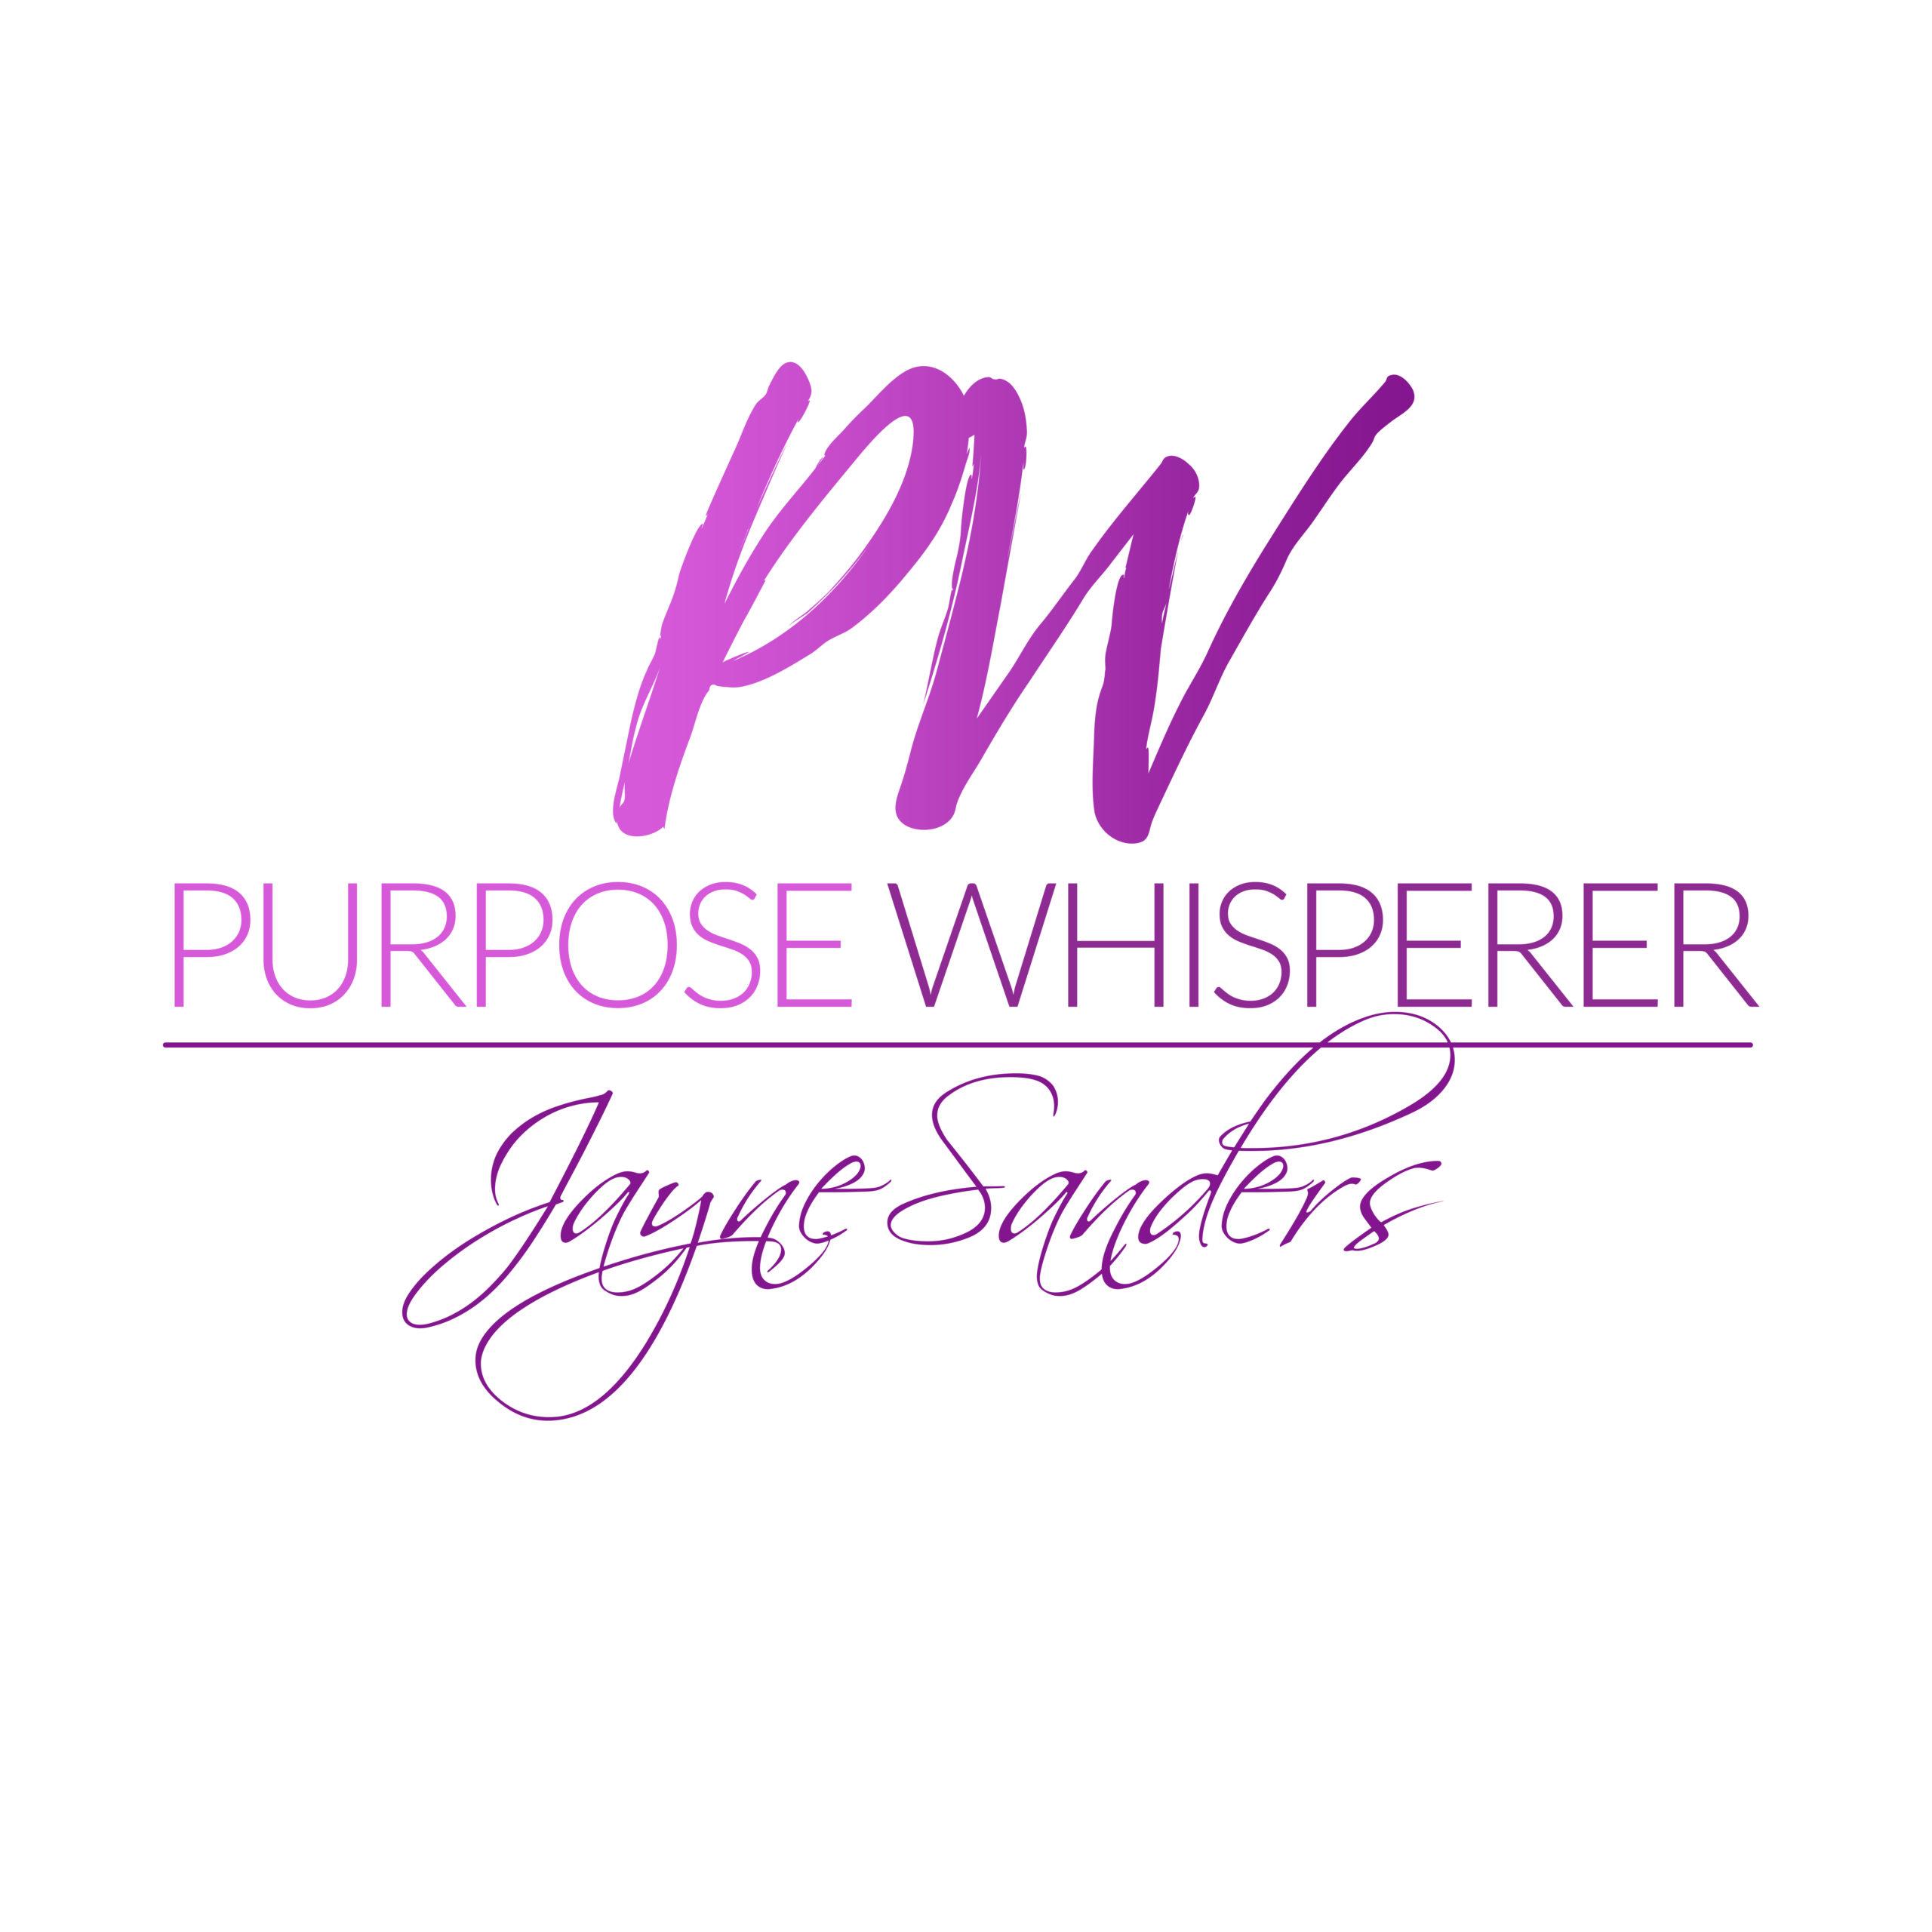 Purpose Whisperer